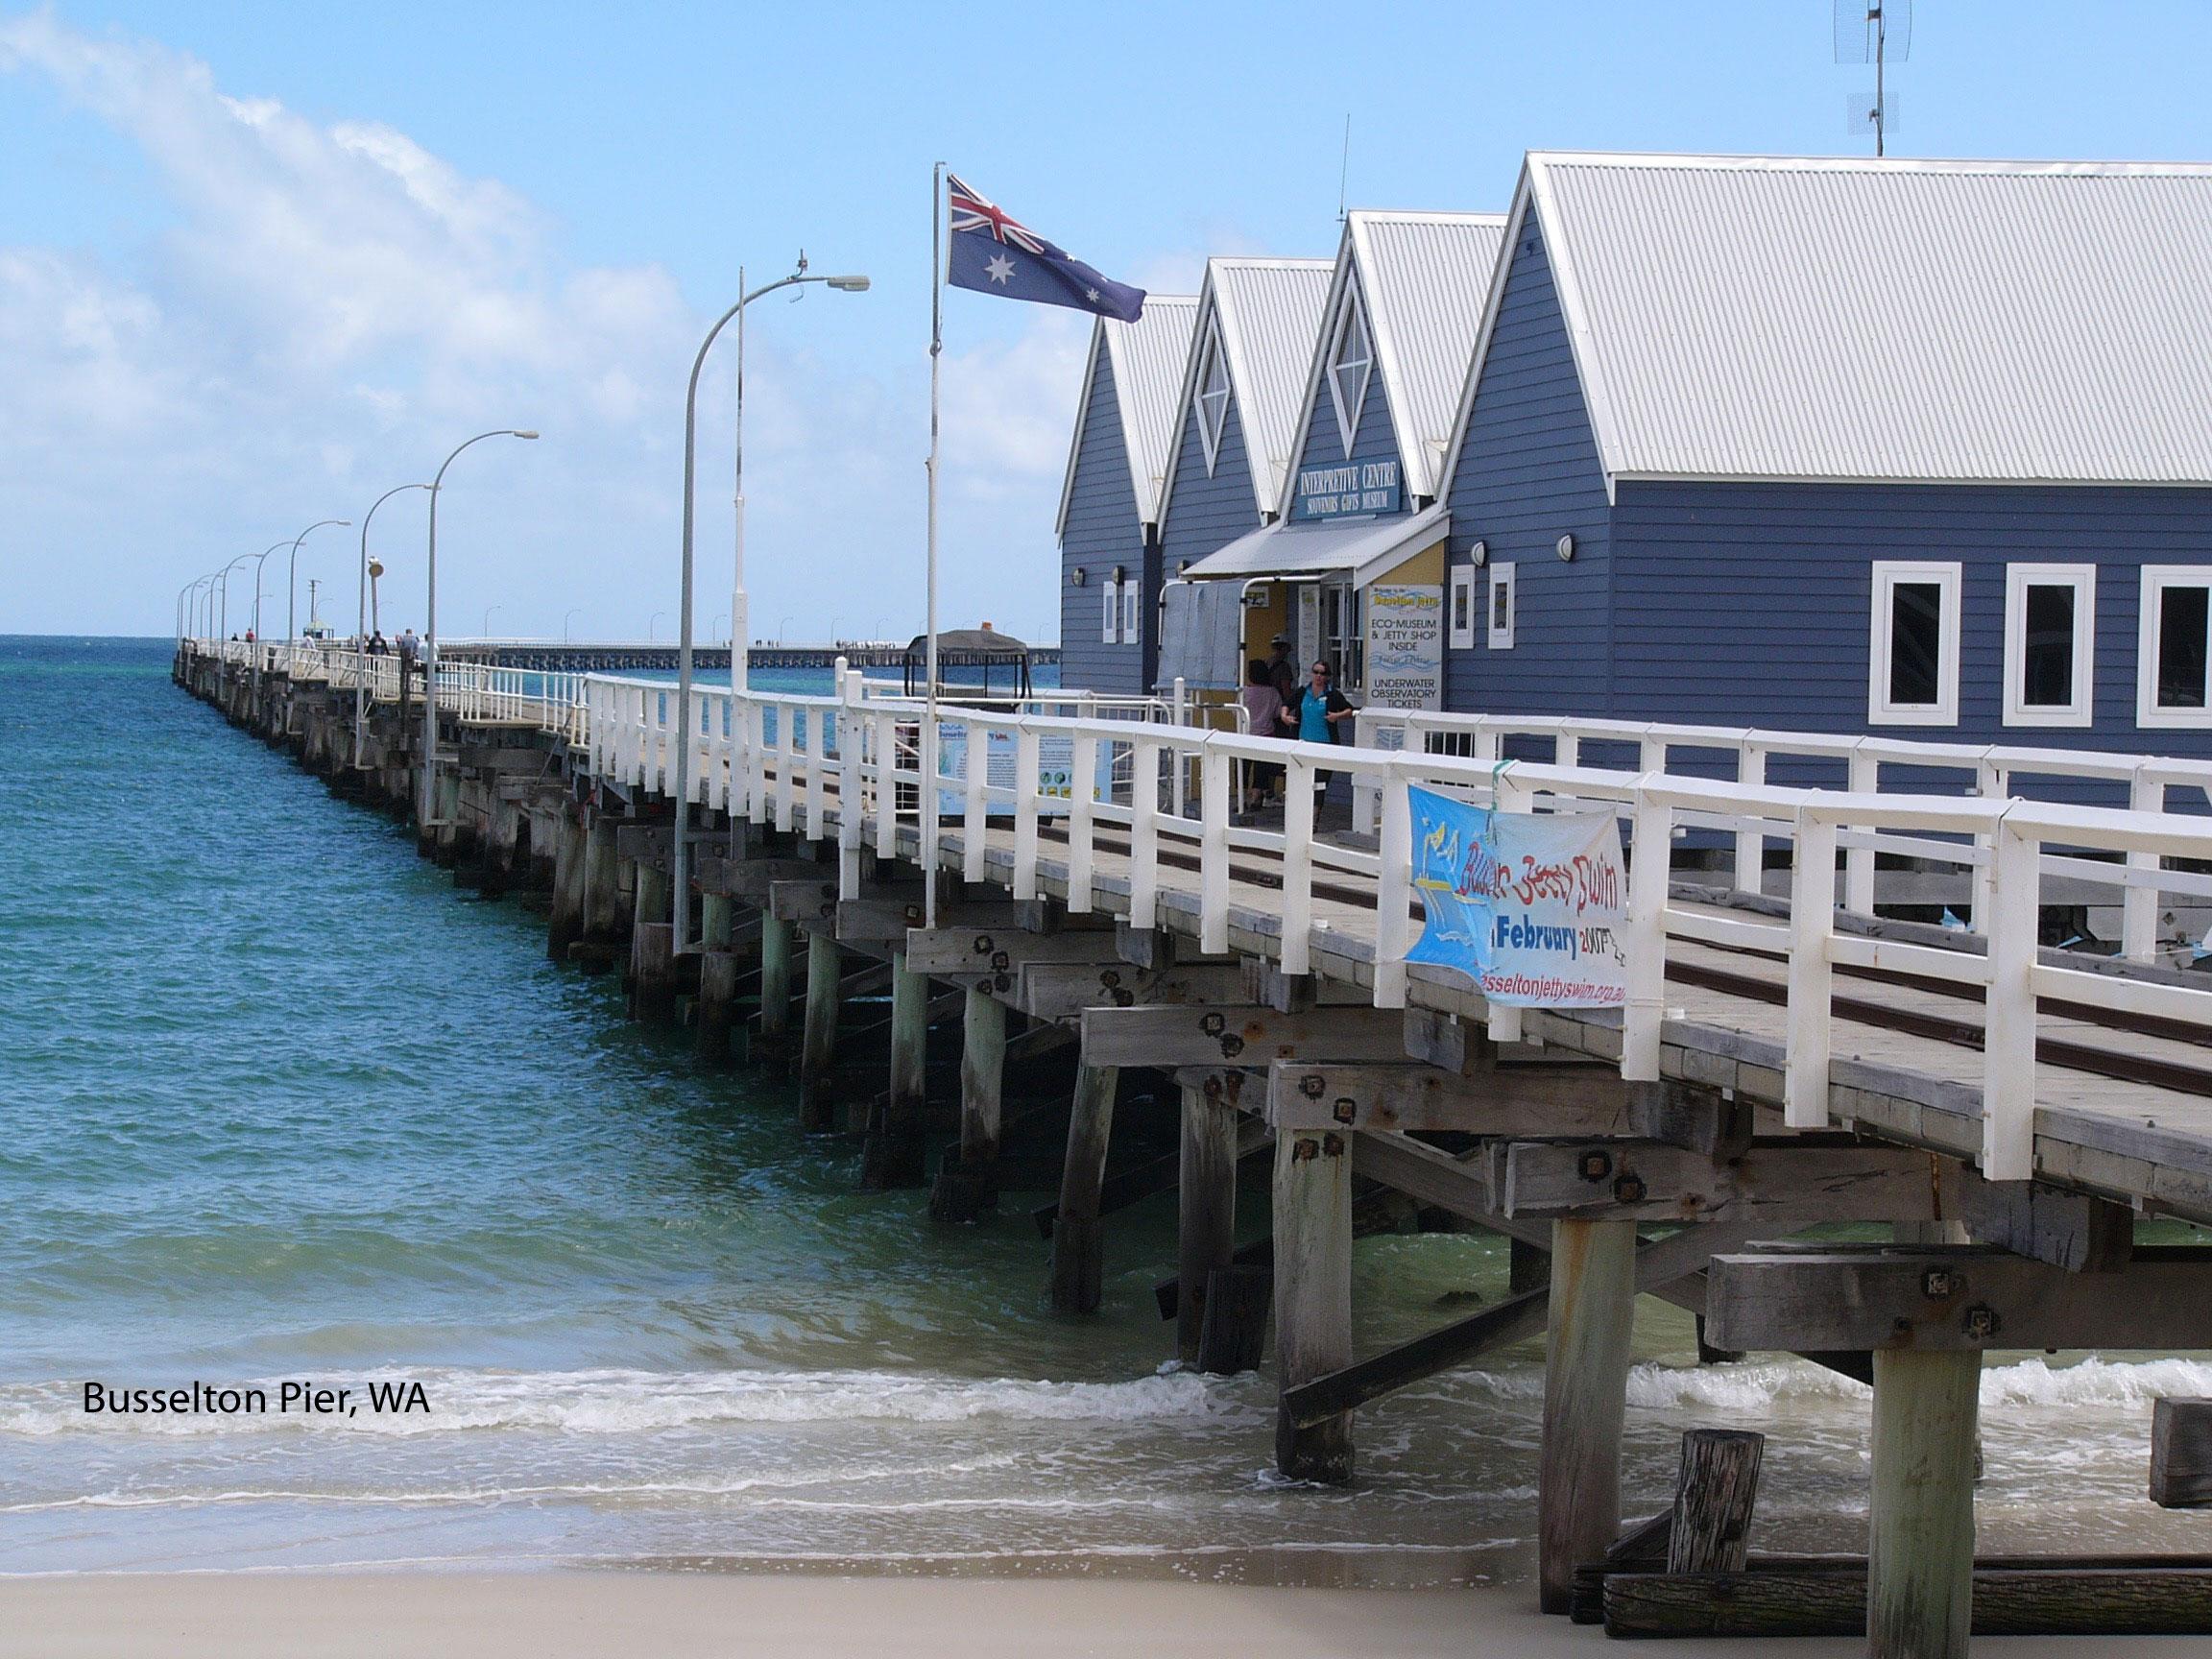 Busselton Pier, Western Australia